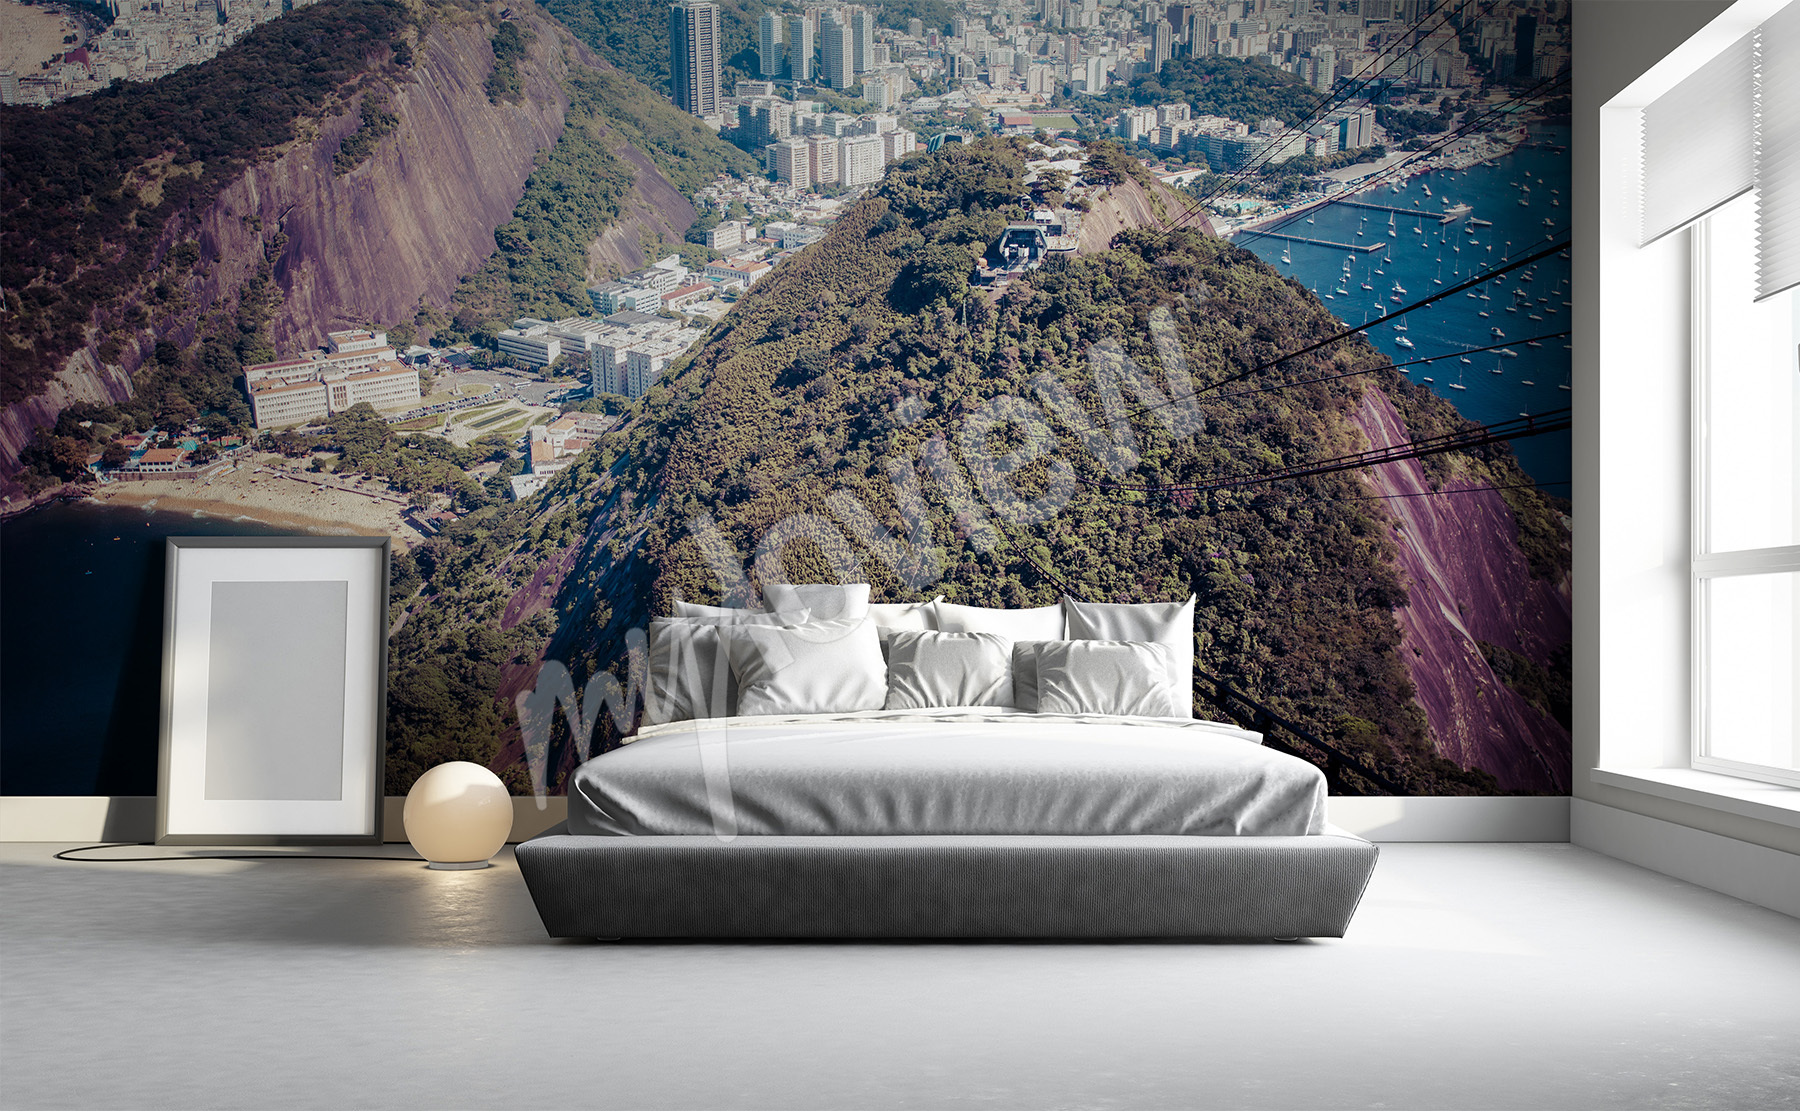 Carta da parati montagne su misura della parete - Murales camera da letto ...